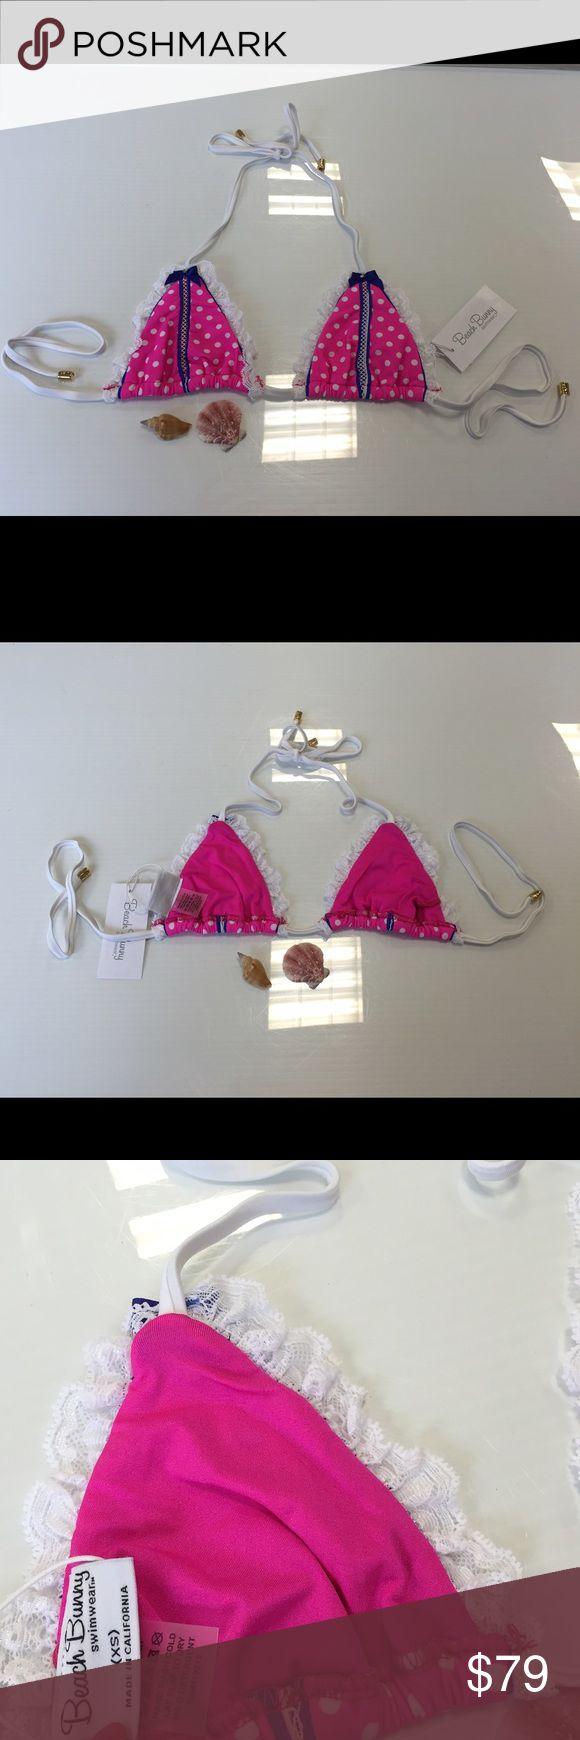 Beach bunny pink polka dot bikini top size XS new Beach bunny pink polka dot bikini top size XS new with tags Beach Bunny Swim Bikinis